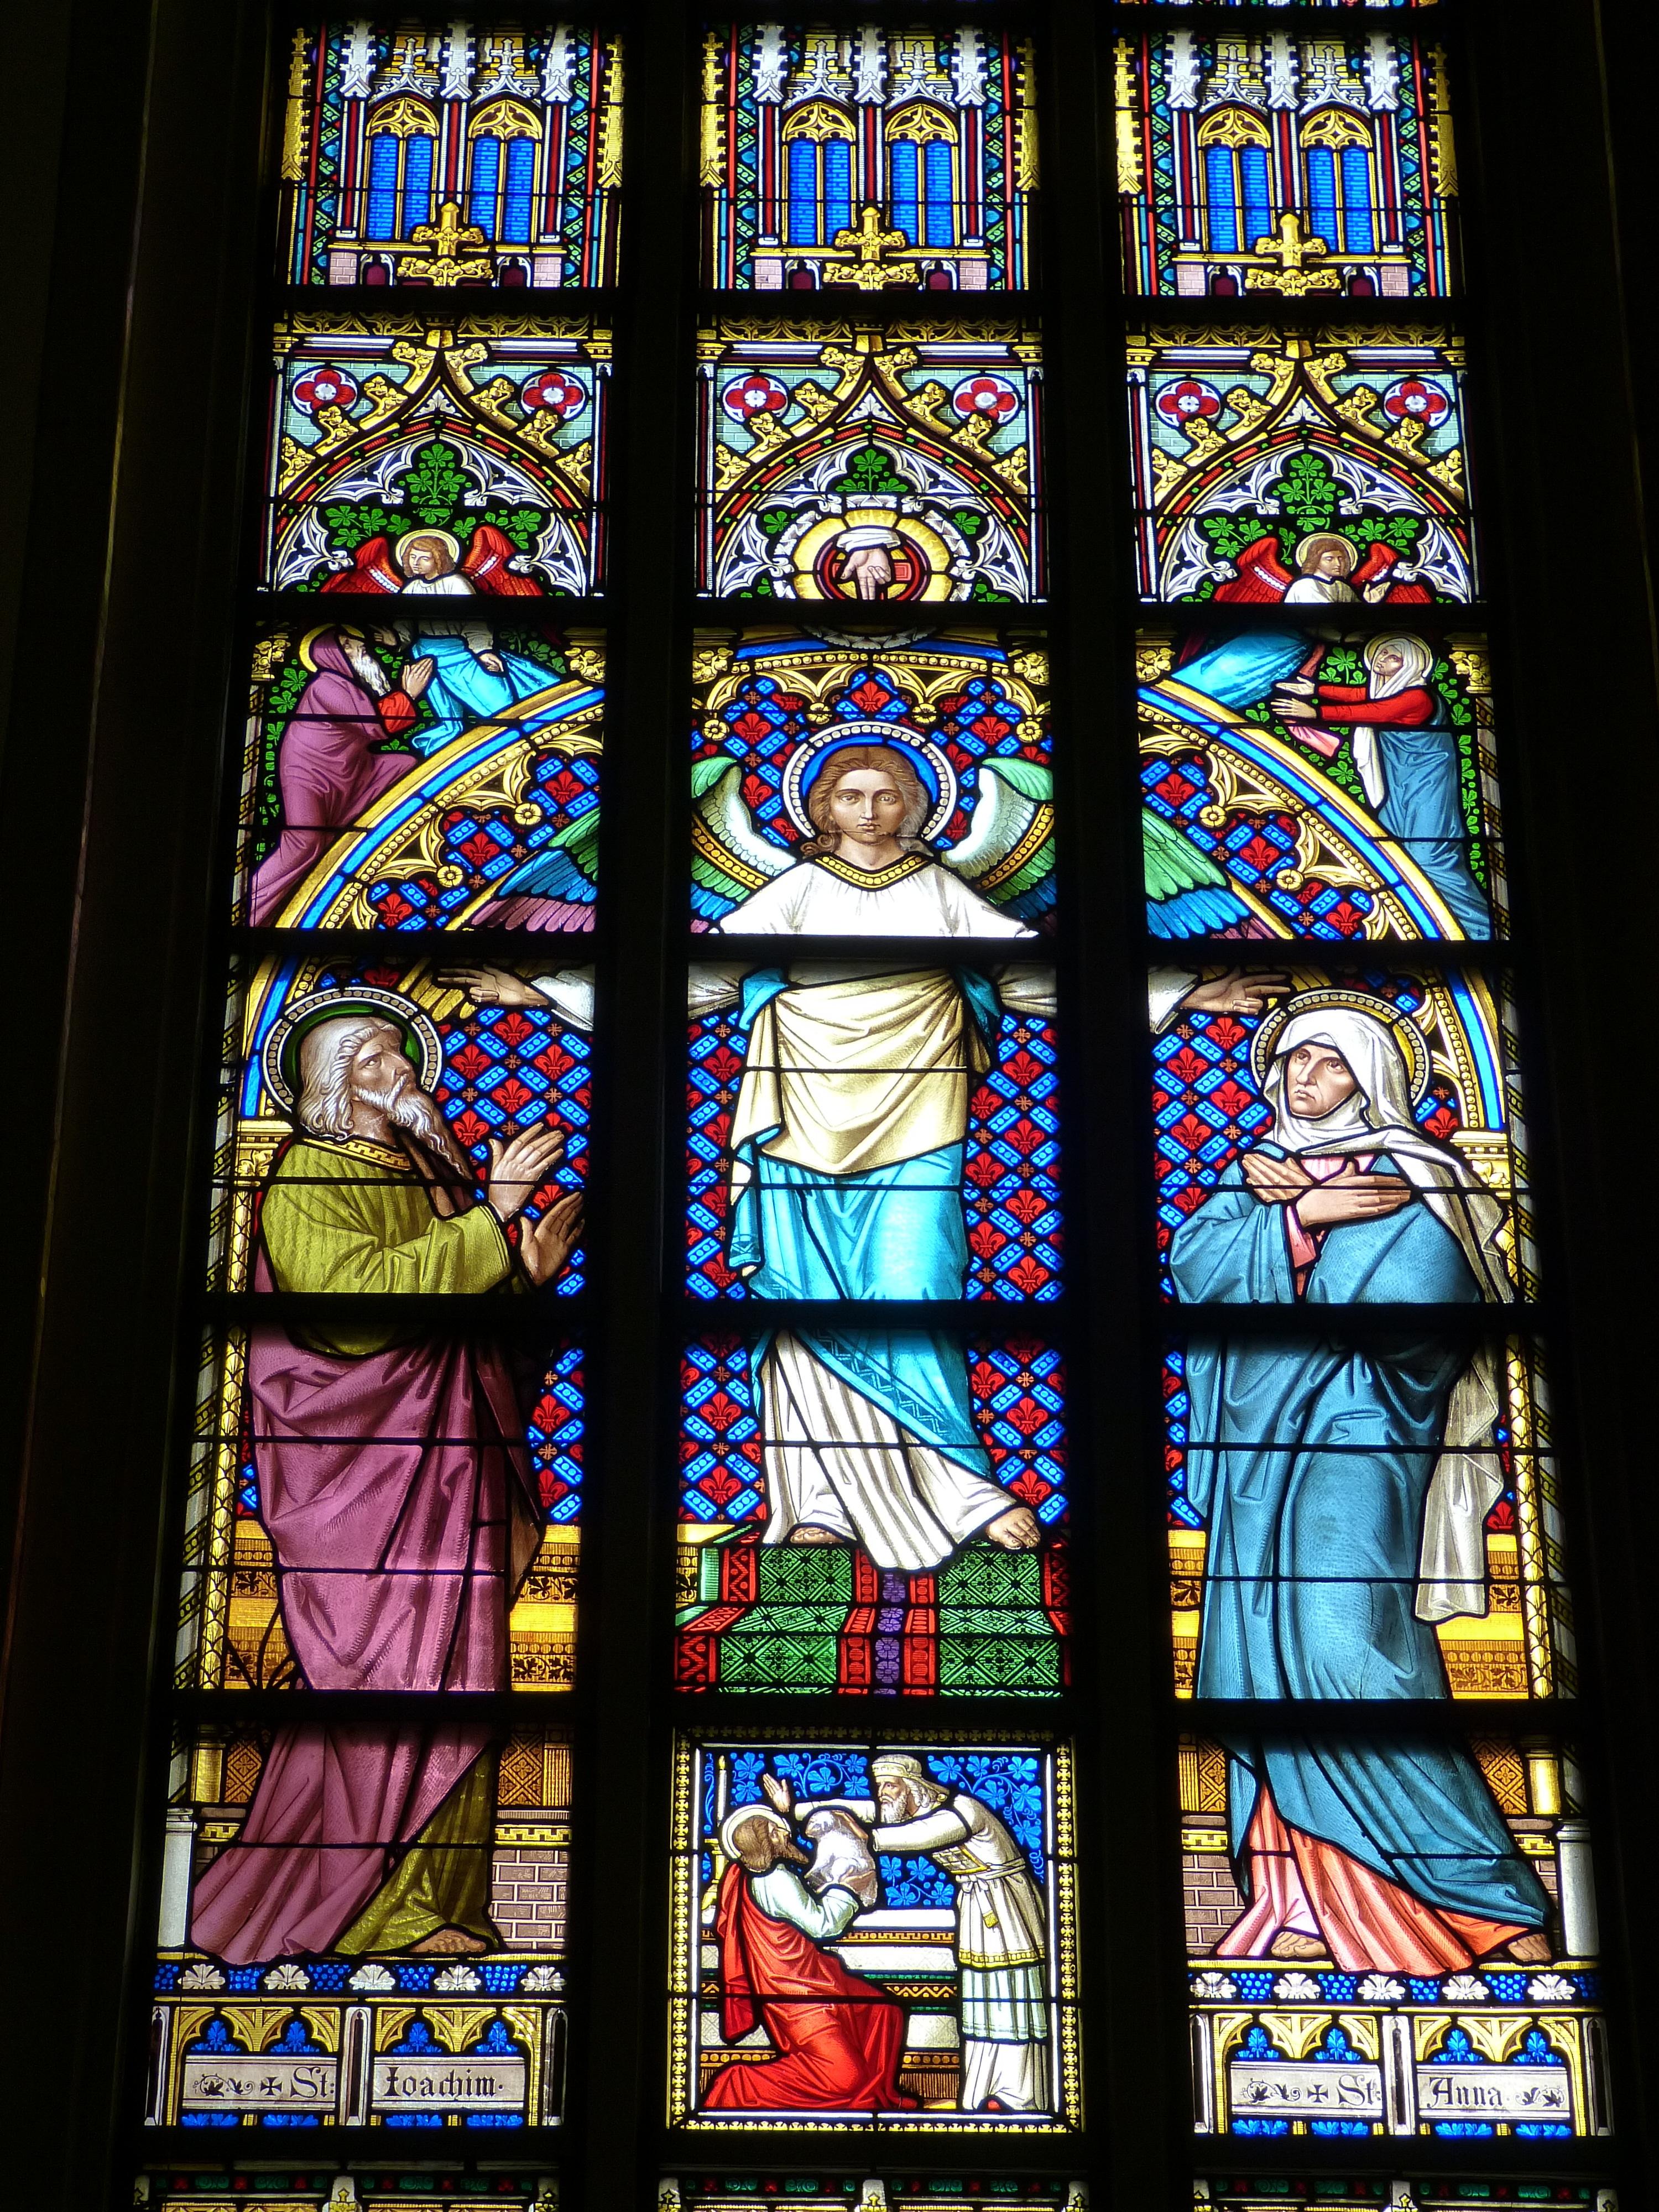 Gratis afbeeldingen venster kleur kerk kerstmis materiaal gotisch glas in lood bijbel - Geloof glas ingerichte ...